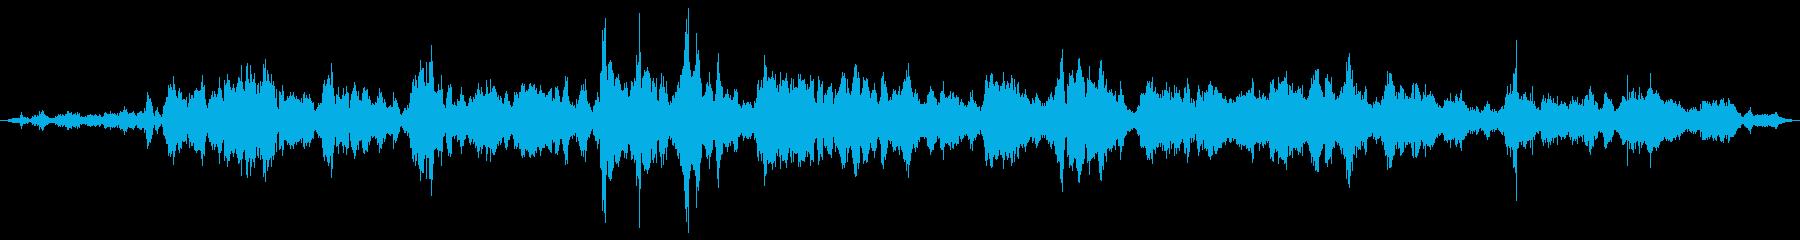 モンスター ワラクレイジー01の再生済みの波形